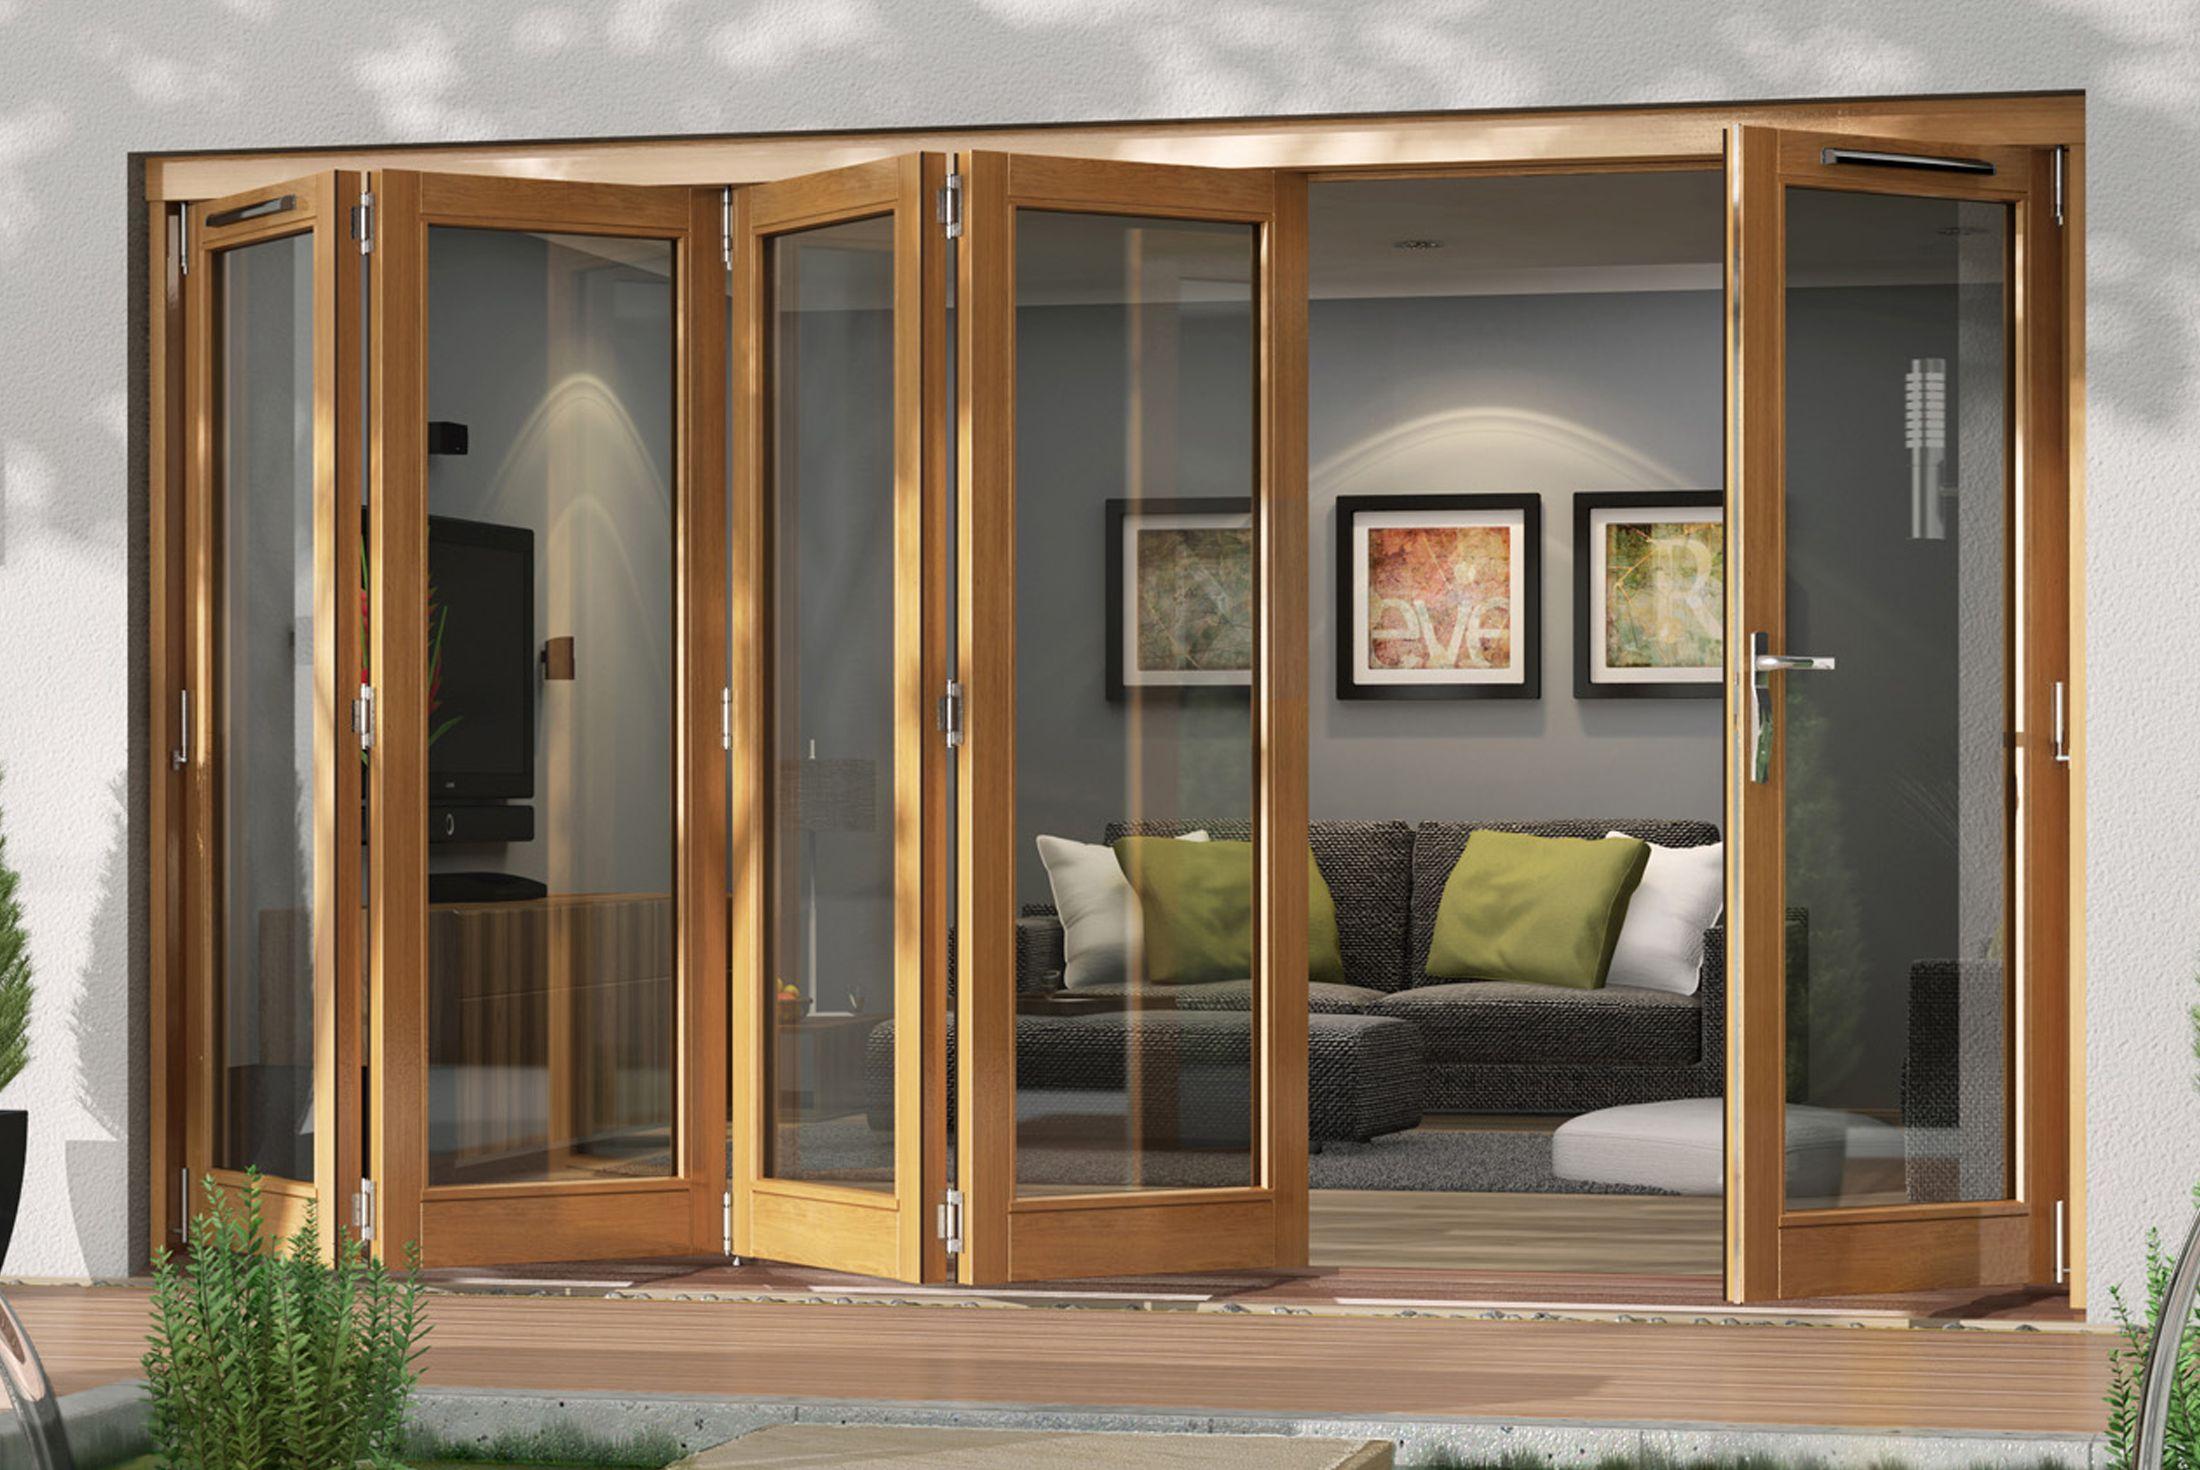 patio patio doors with windows doors intro patiodoors appealing patio doors  for FBFOCFQ